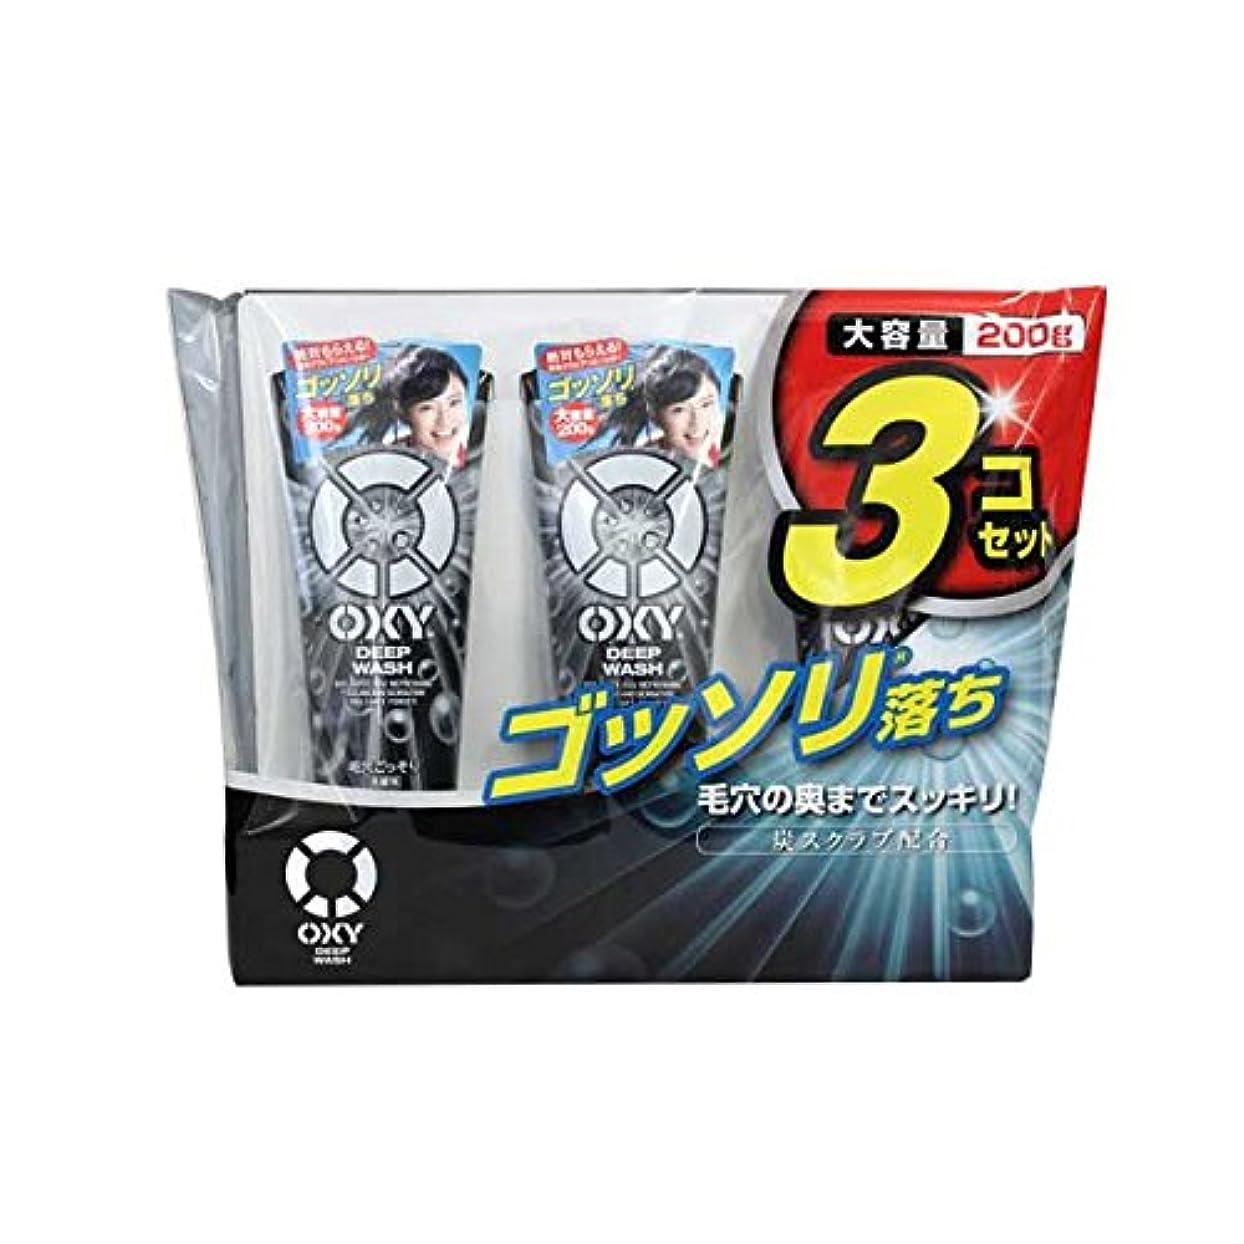 相互接続ドック入射OXY 炭スクラブ洗顔料 大容量 200gx3本